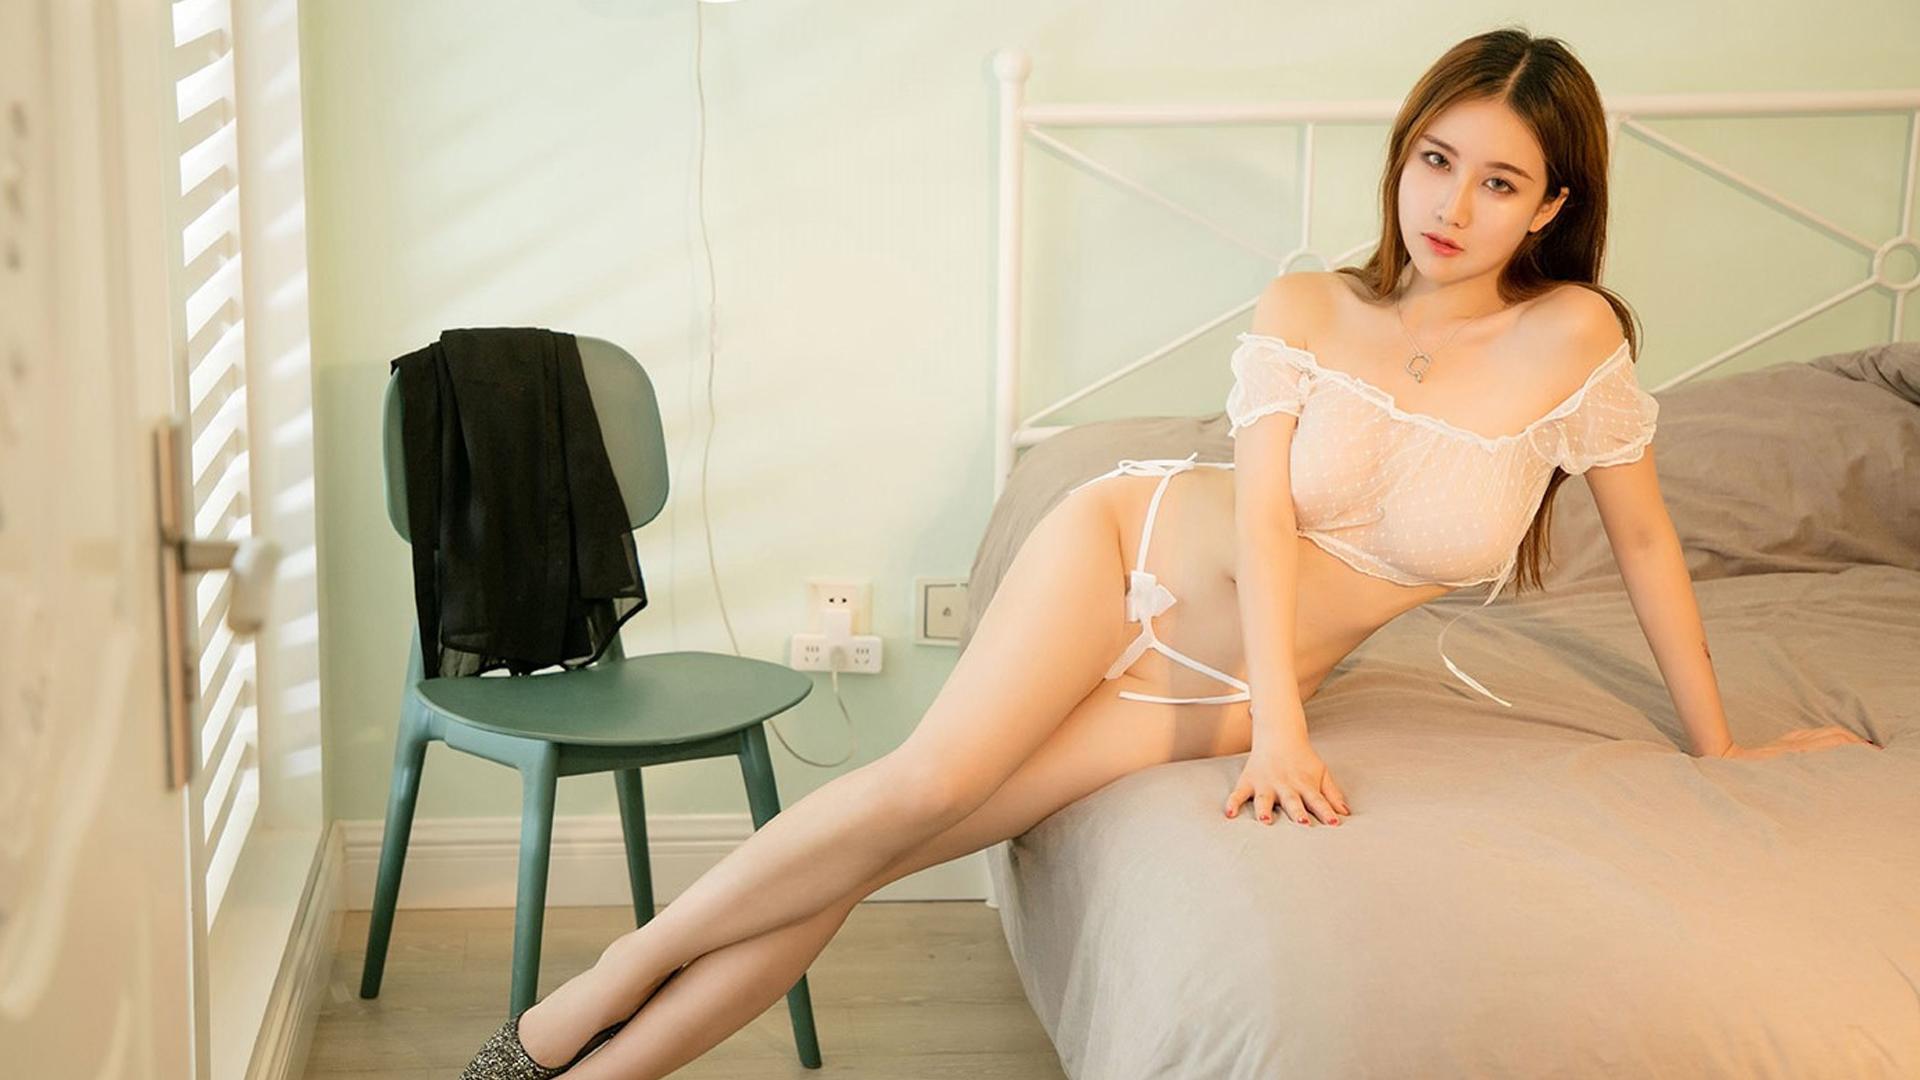 诱惑私房爆乳大胸美女唯美床照写真桌面壁纸